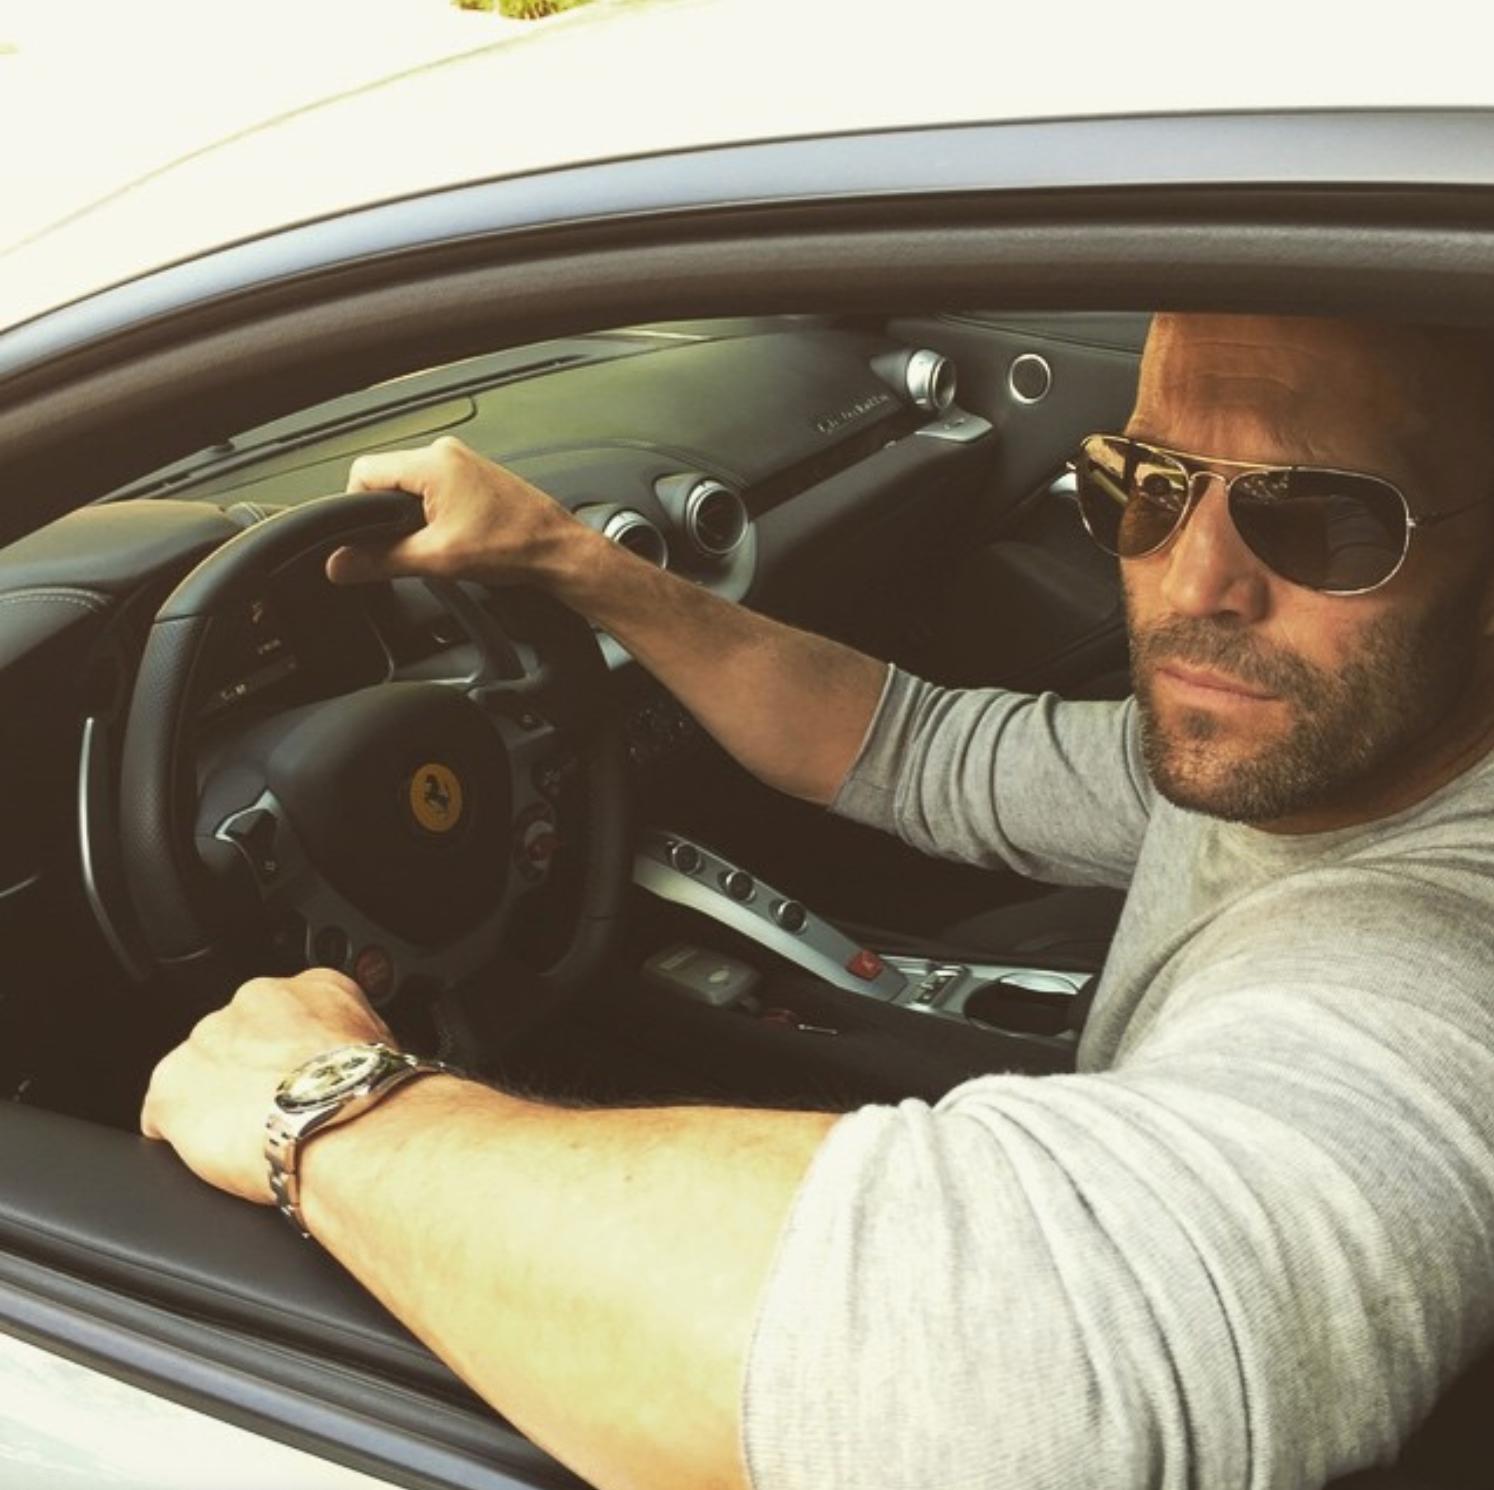 Steeling the show … Jason Statham's love affair with Rolex – ünlüler